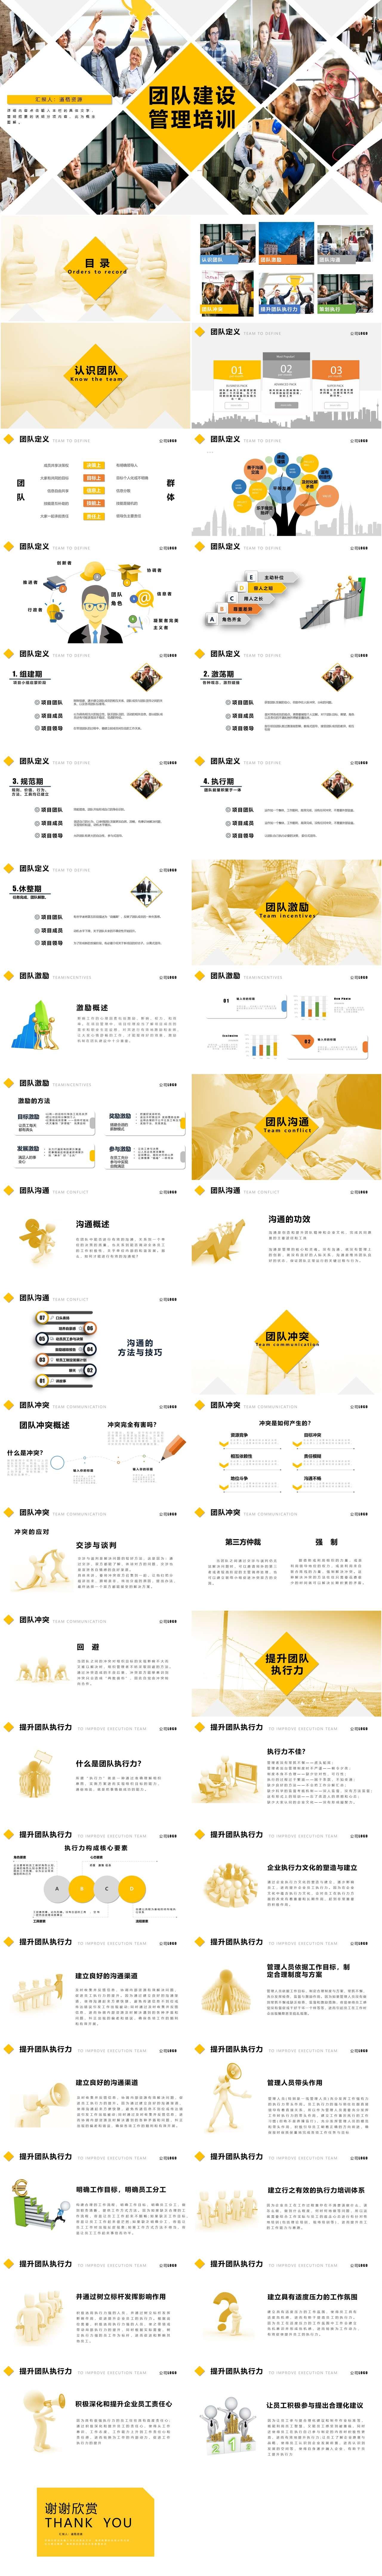 黄色商务团队建设管理入职培训通用PPT插图1